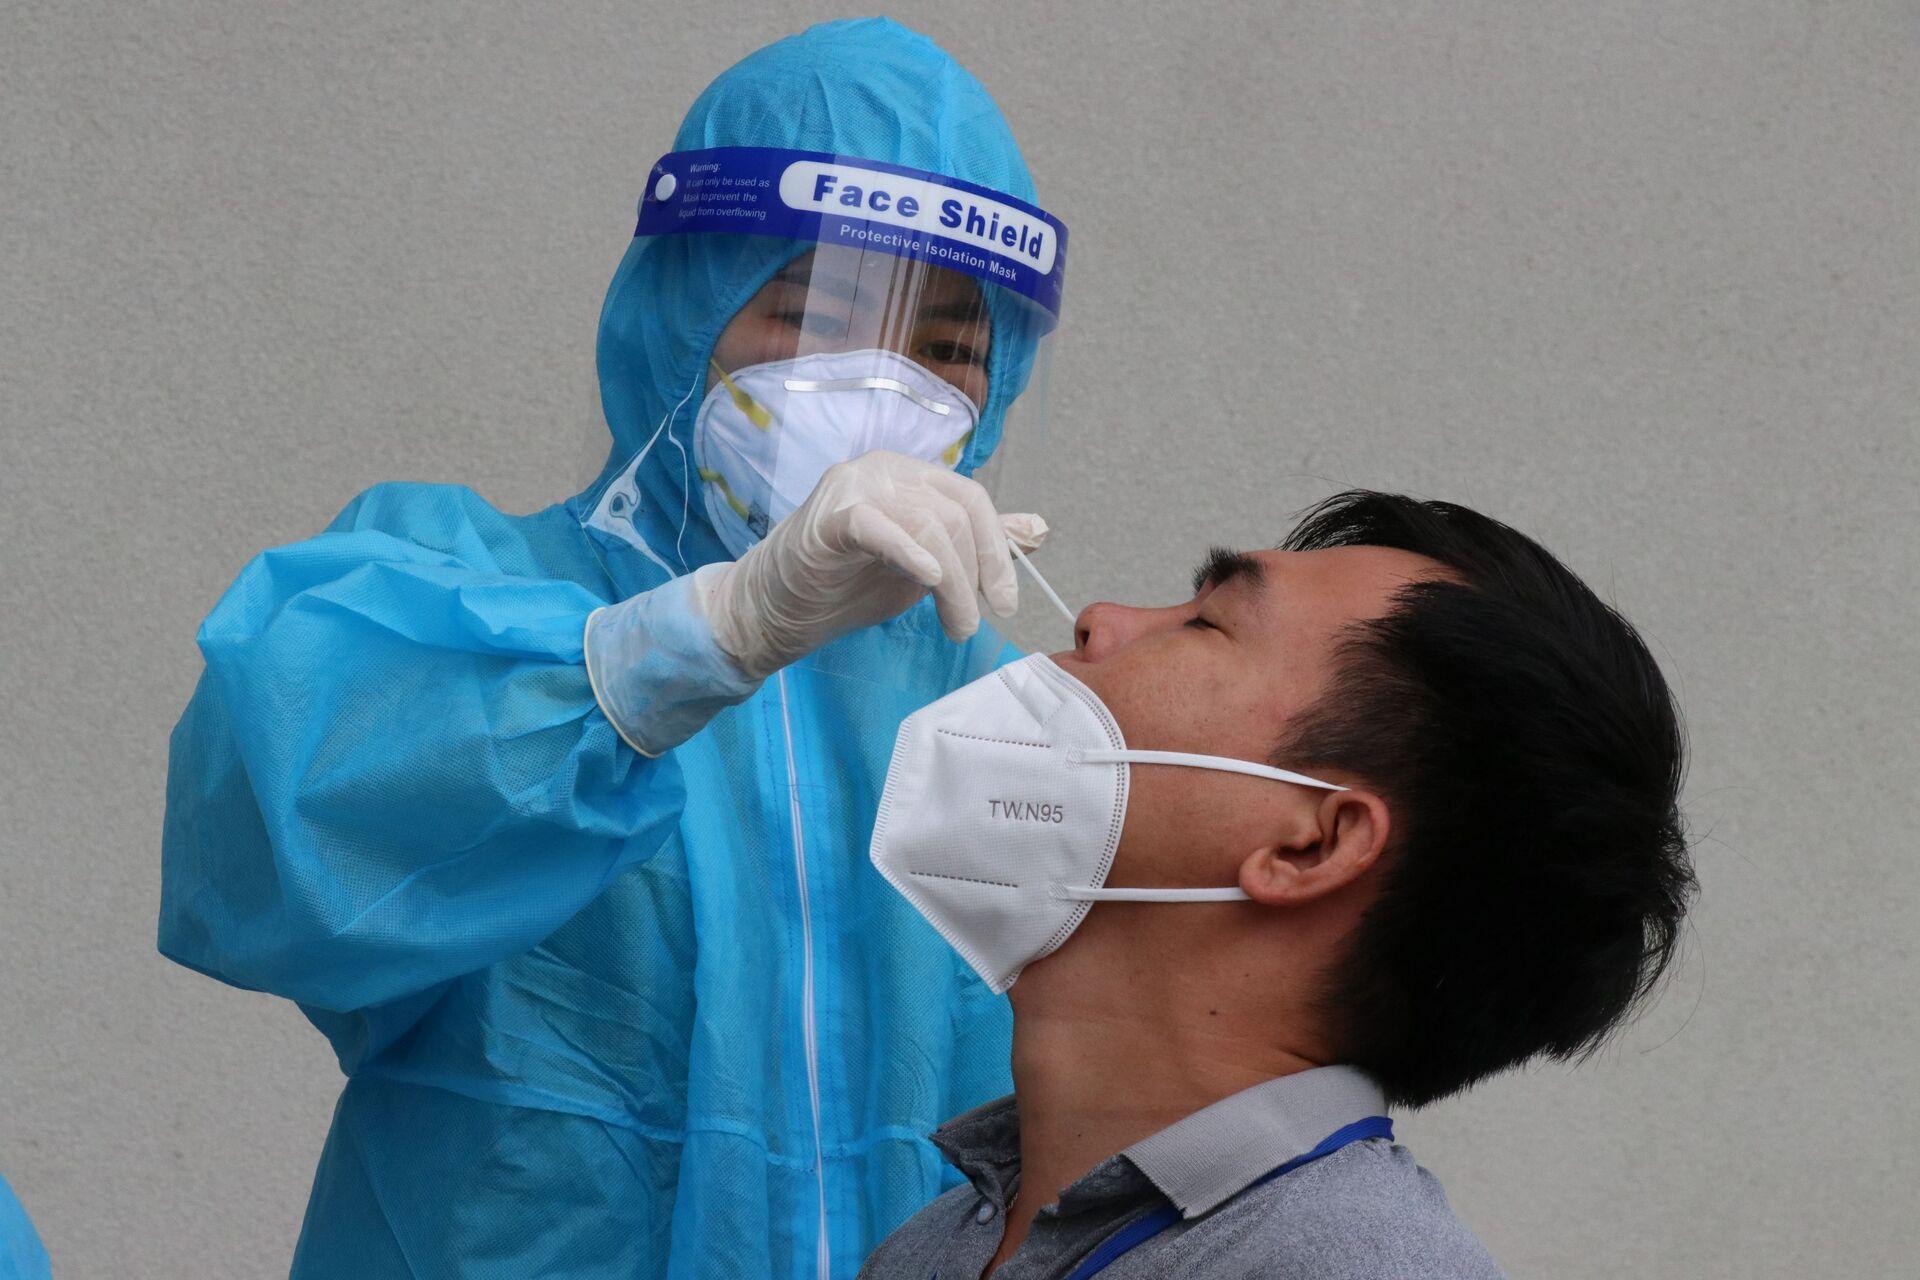 Lực lượng y tế làm test nhanh xét nghiệm COVID-19 cho người dân tại thành phố Thủ Dầu Một, tỉnh Bình Dương. - Sputnik Việt Nam, 1920, 05.10.2021